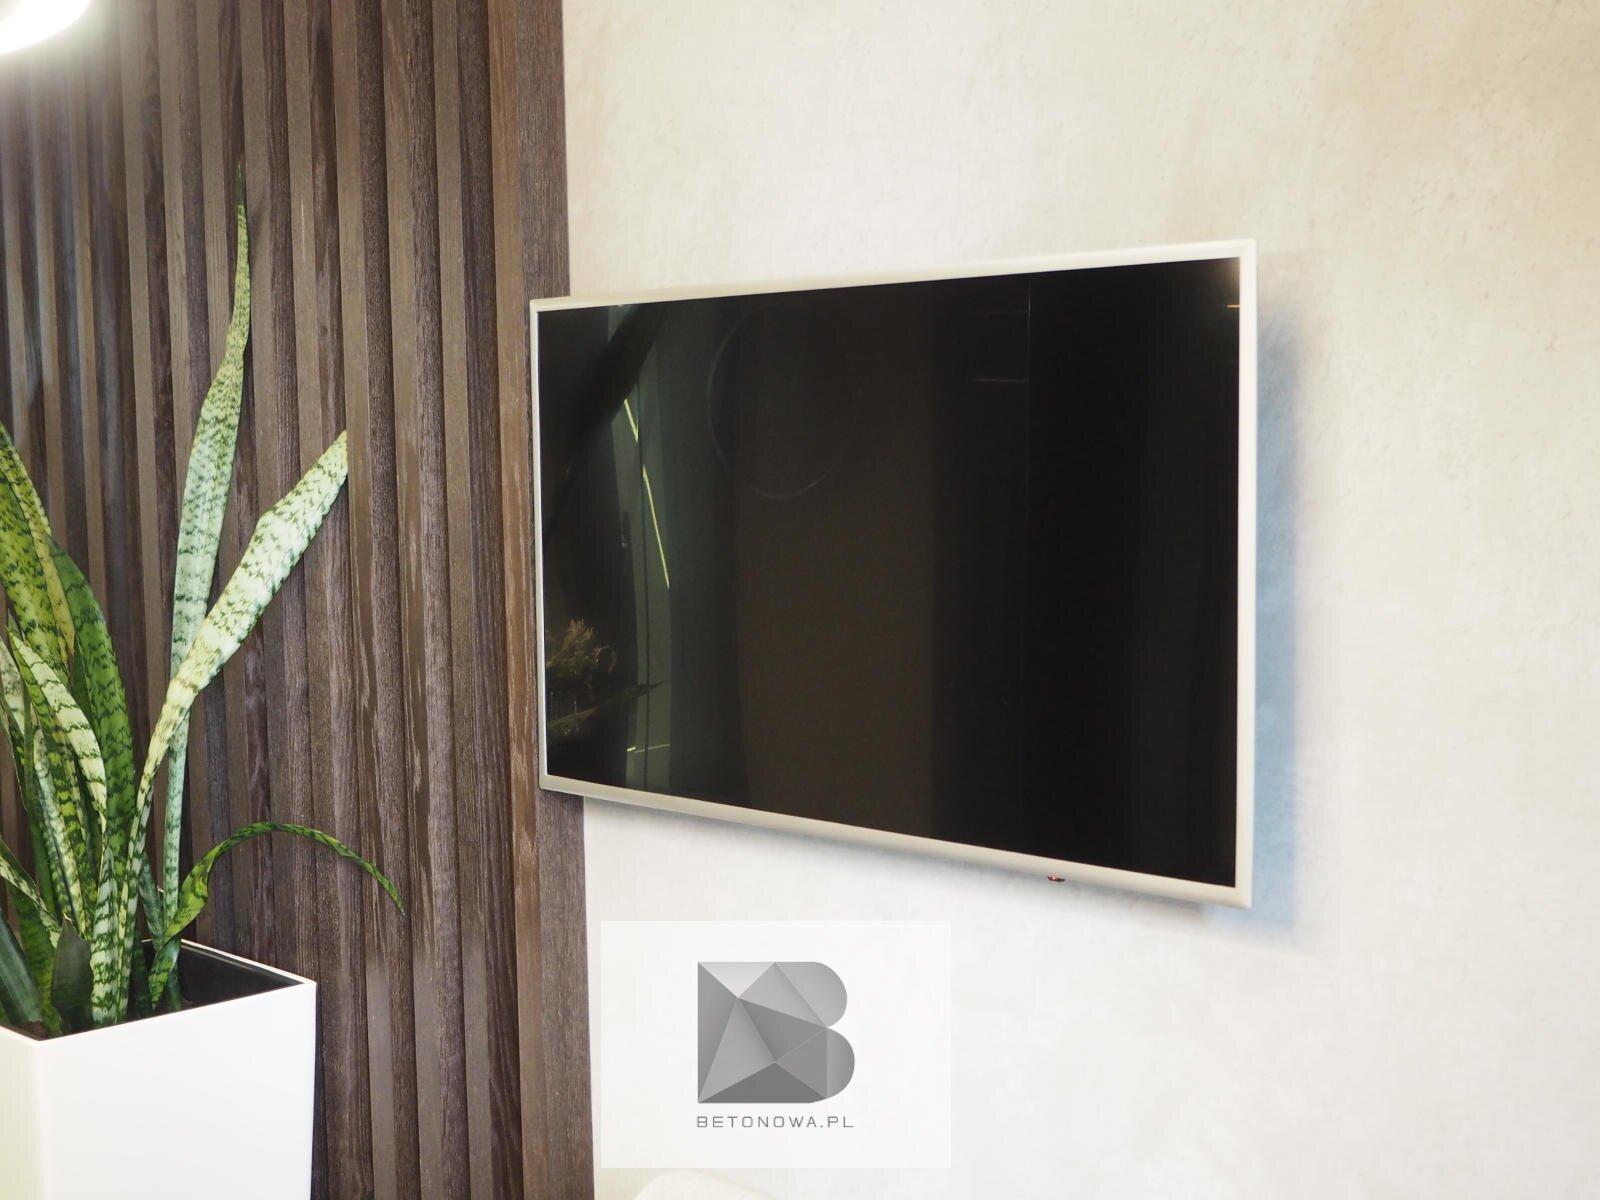 Sciana Betonowa Dekoracyjna Telewizyjna Tv1